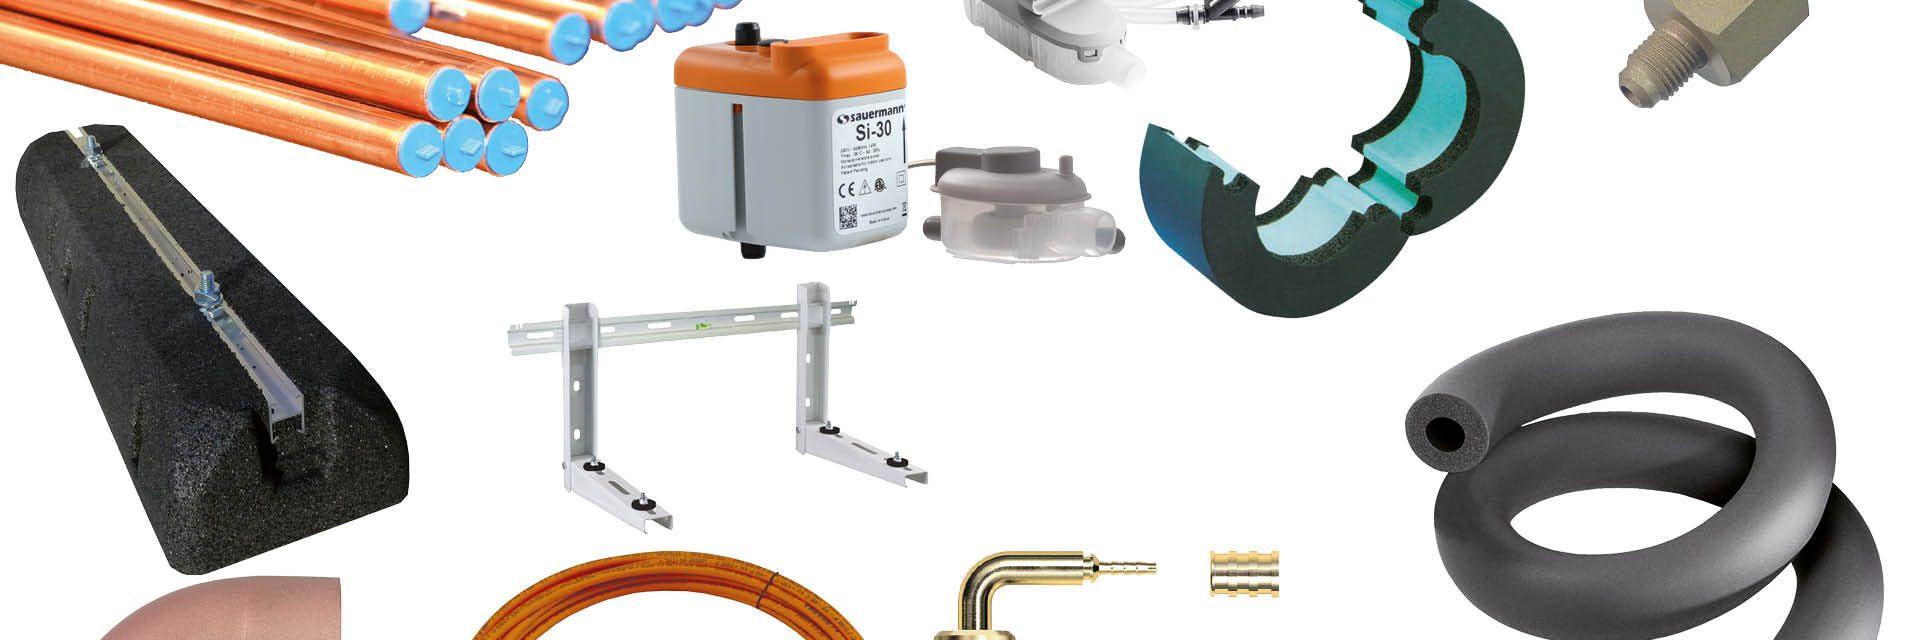 Frigro beschikt over een ruim aanbod van installatiematerialen voor koel- en vriesinstallaties en warmtepompen.